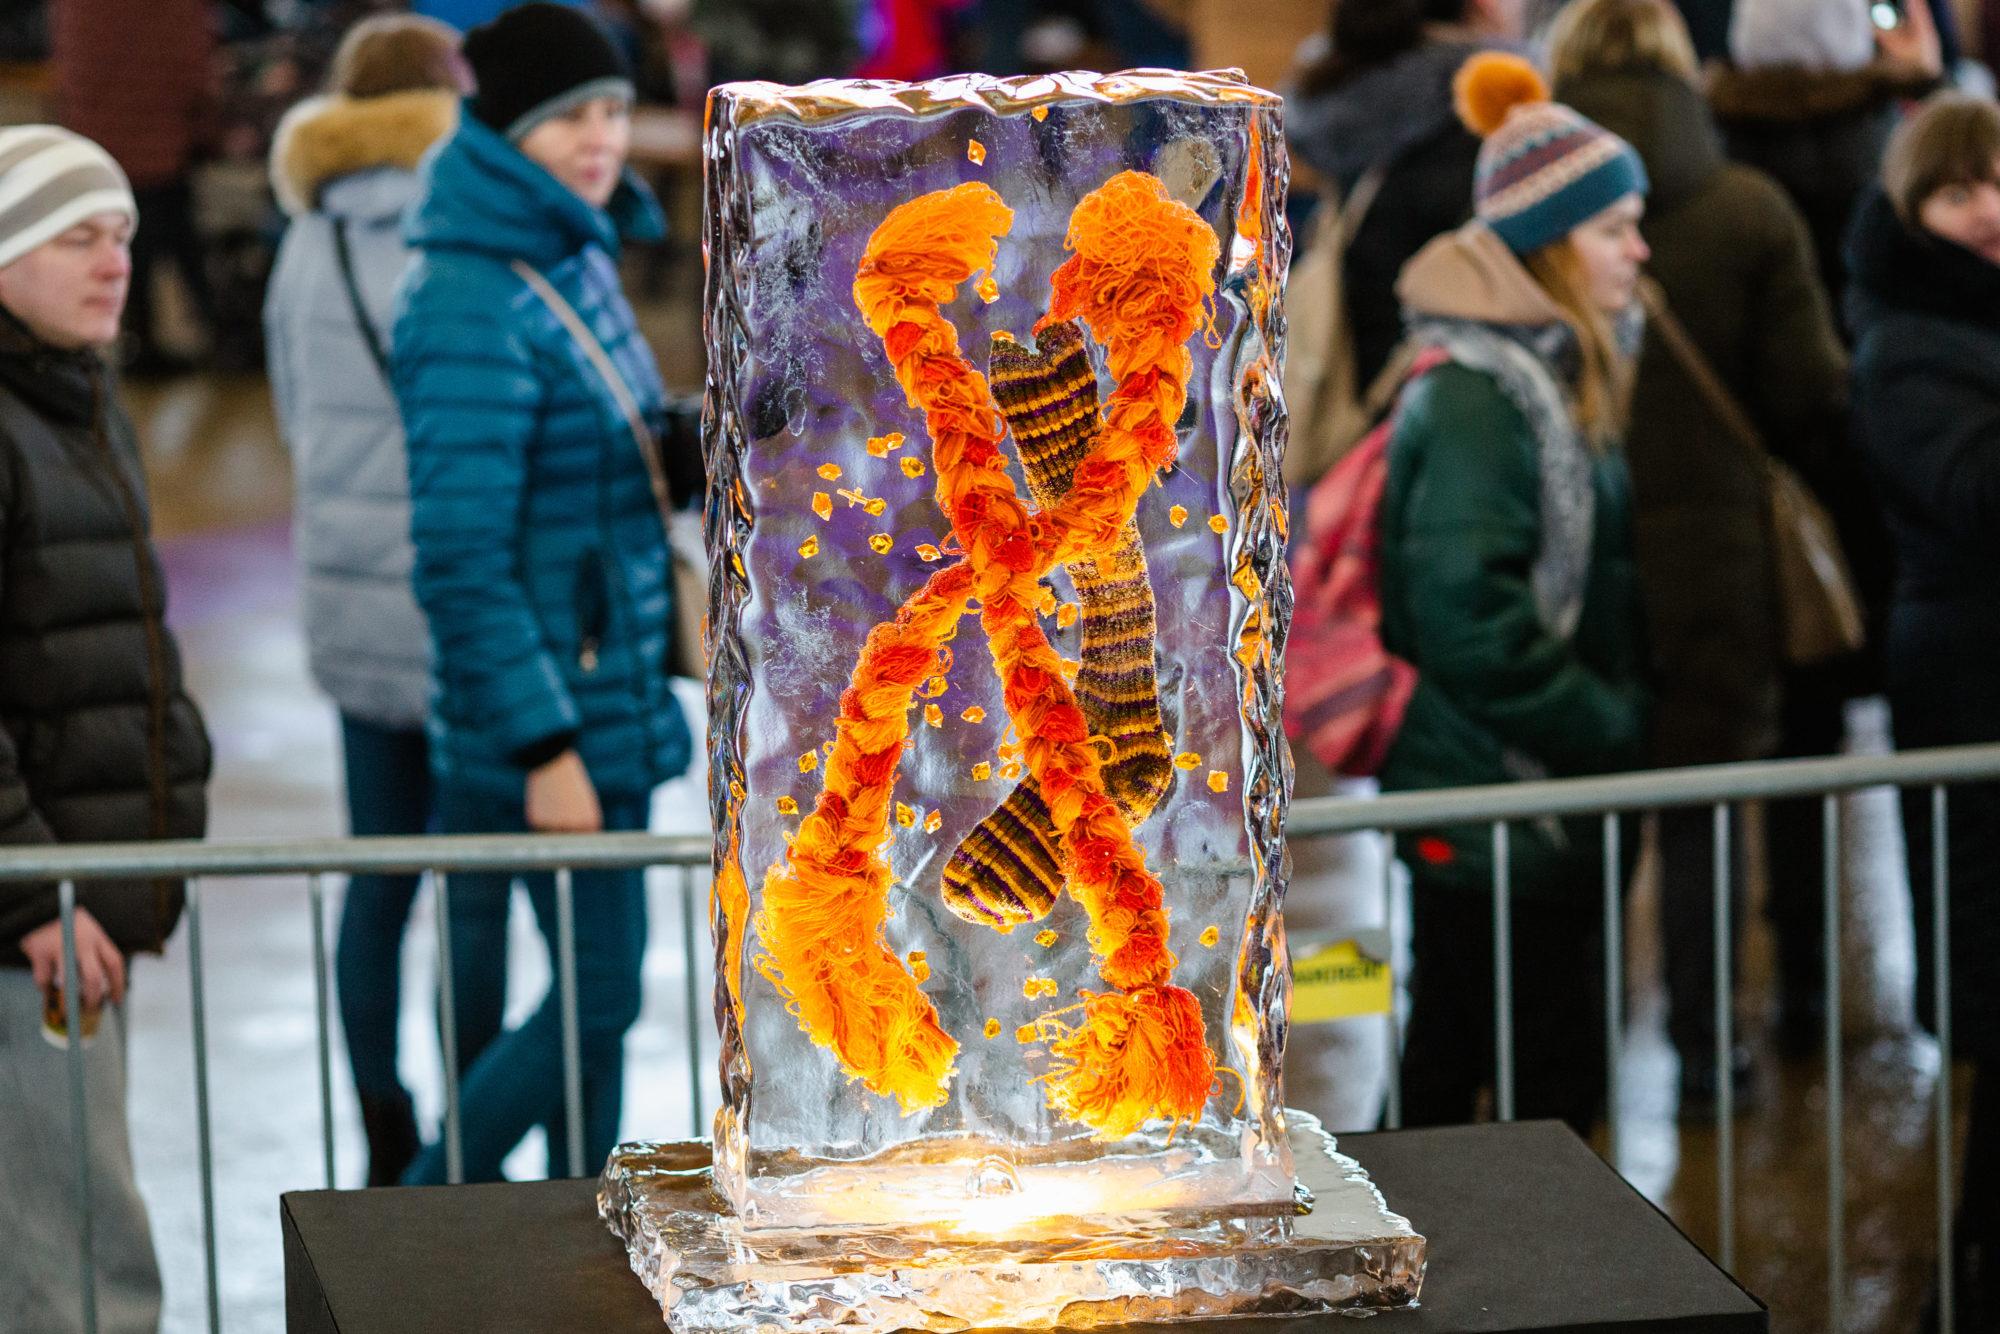 Jelgavā krāšņi aizvadīts ledus supervaroņu salidojums